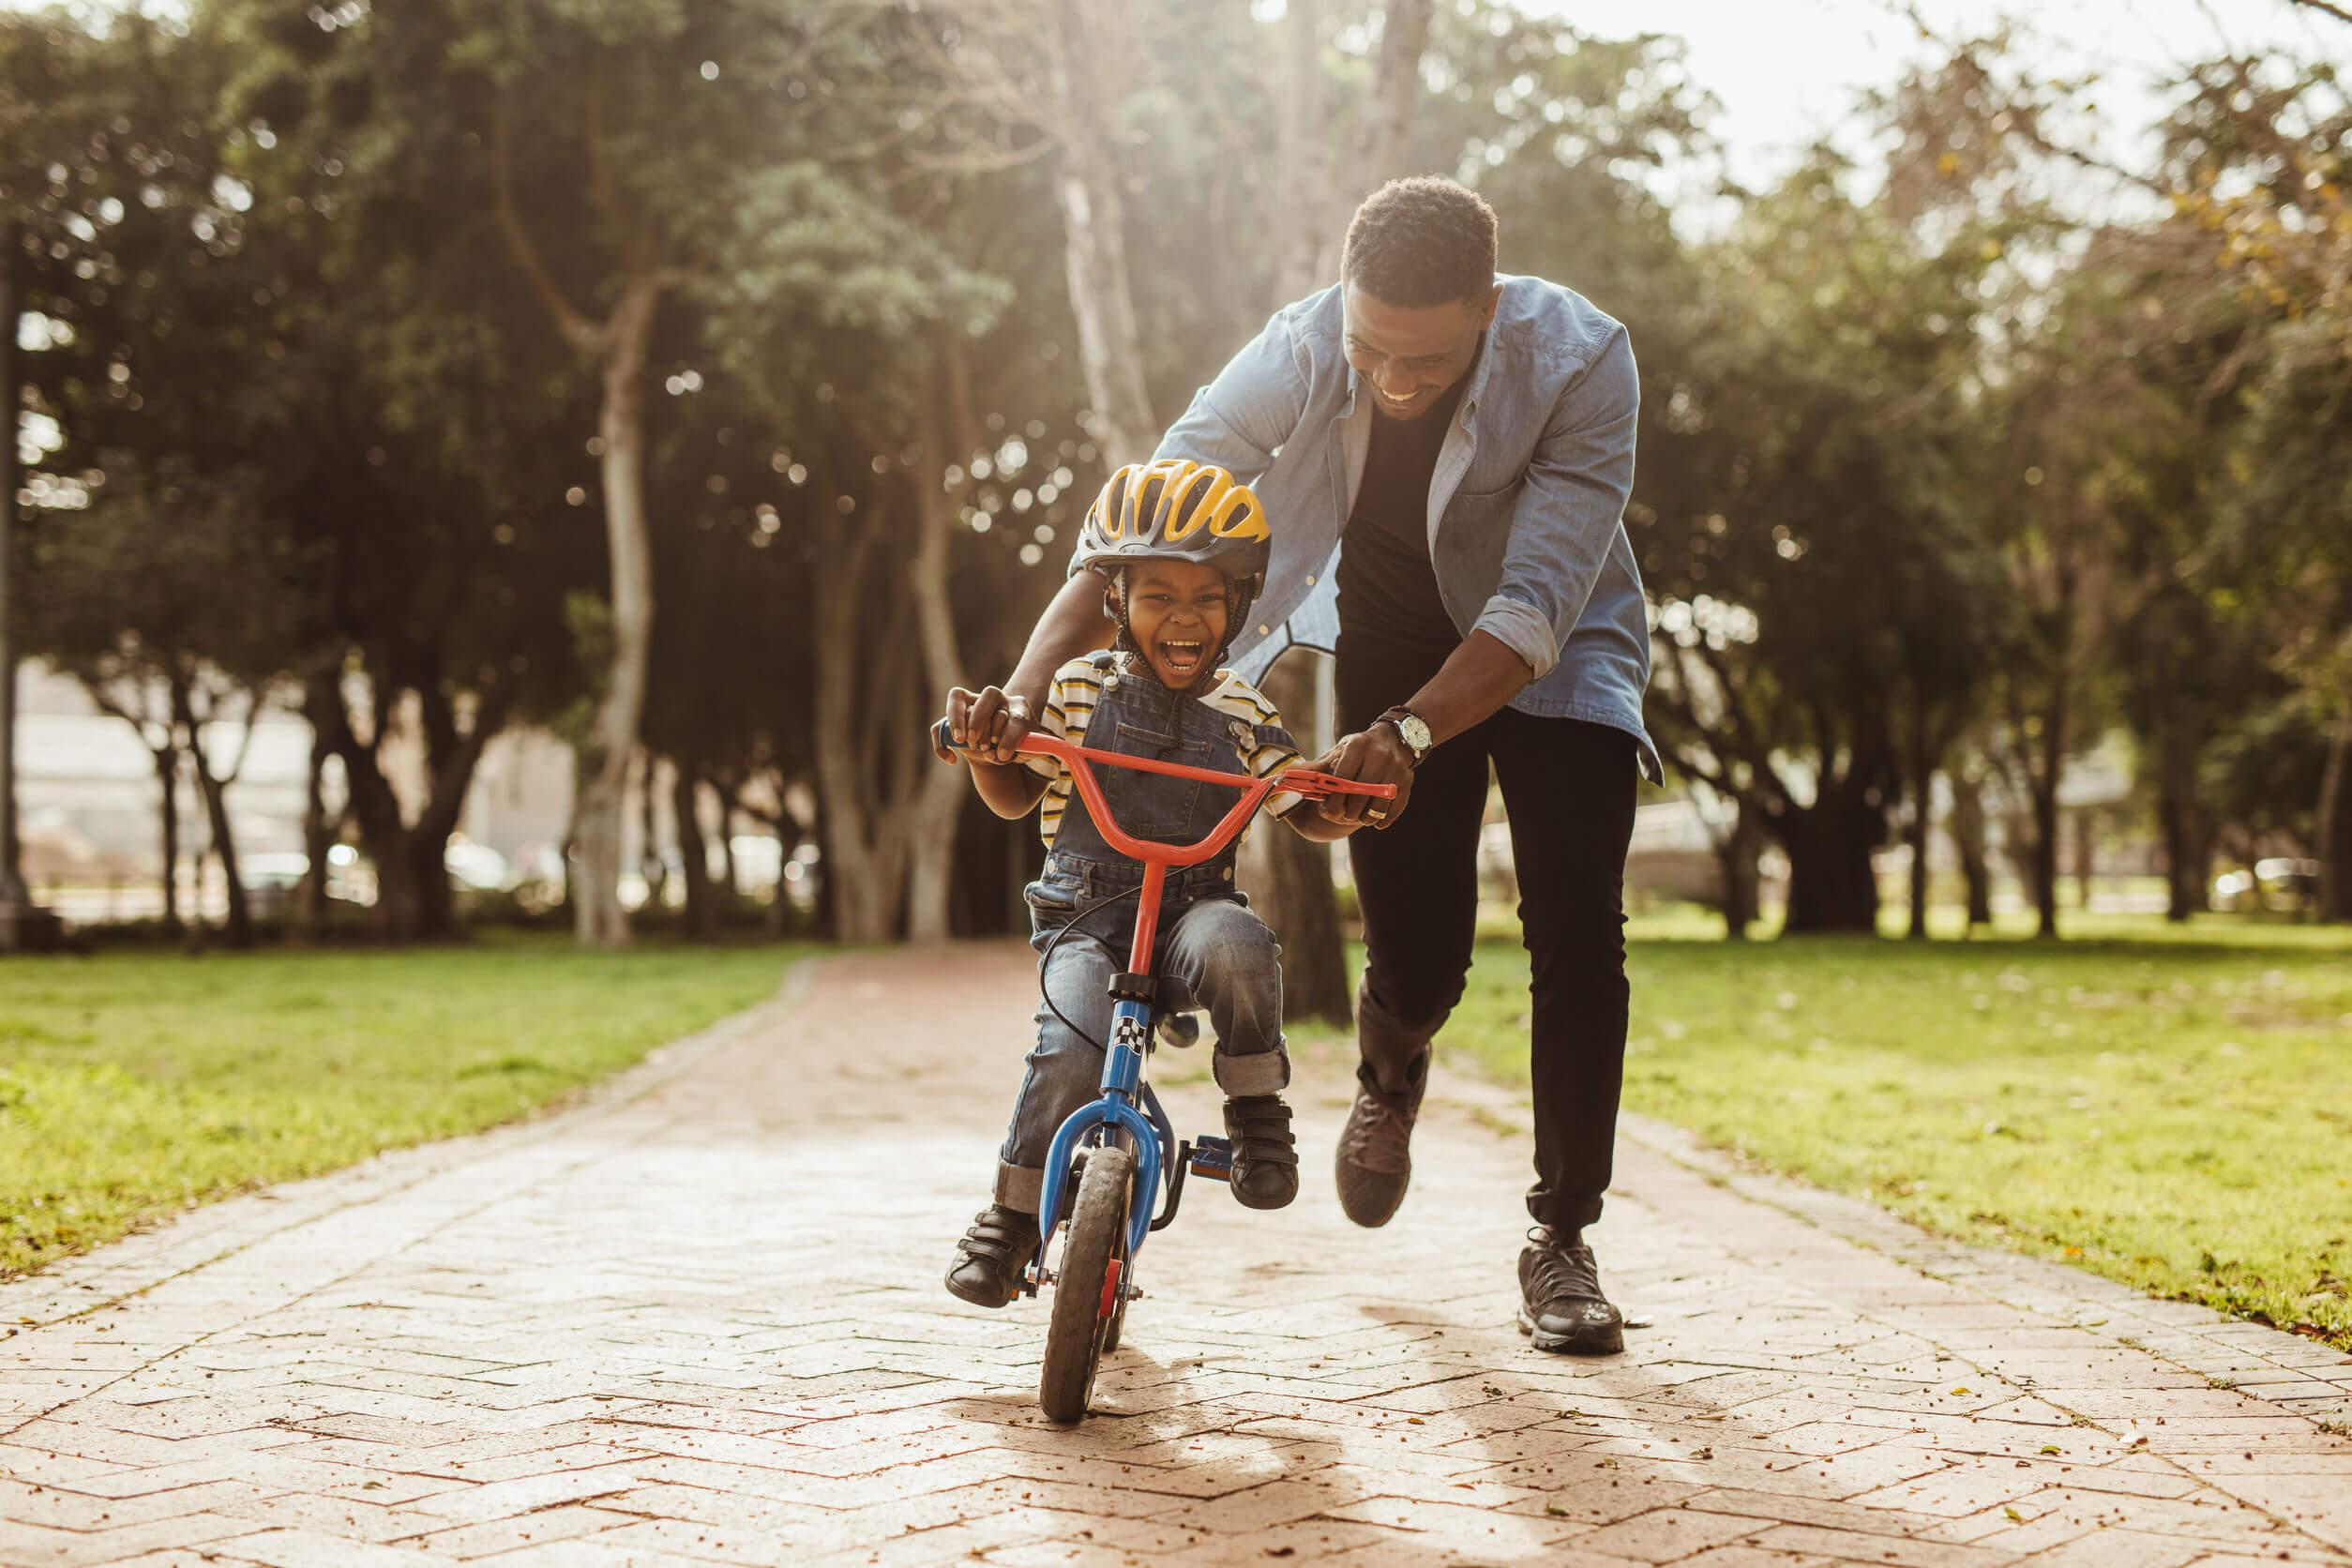 Si mi pareja no quiere hijos es necesario reflexionar sobre las condiciones de la relación.